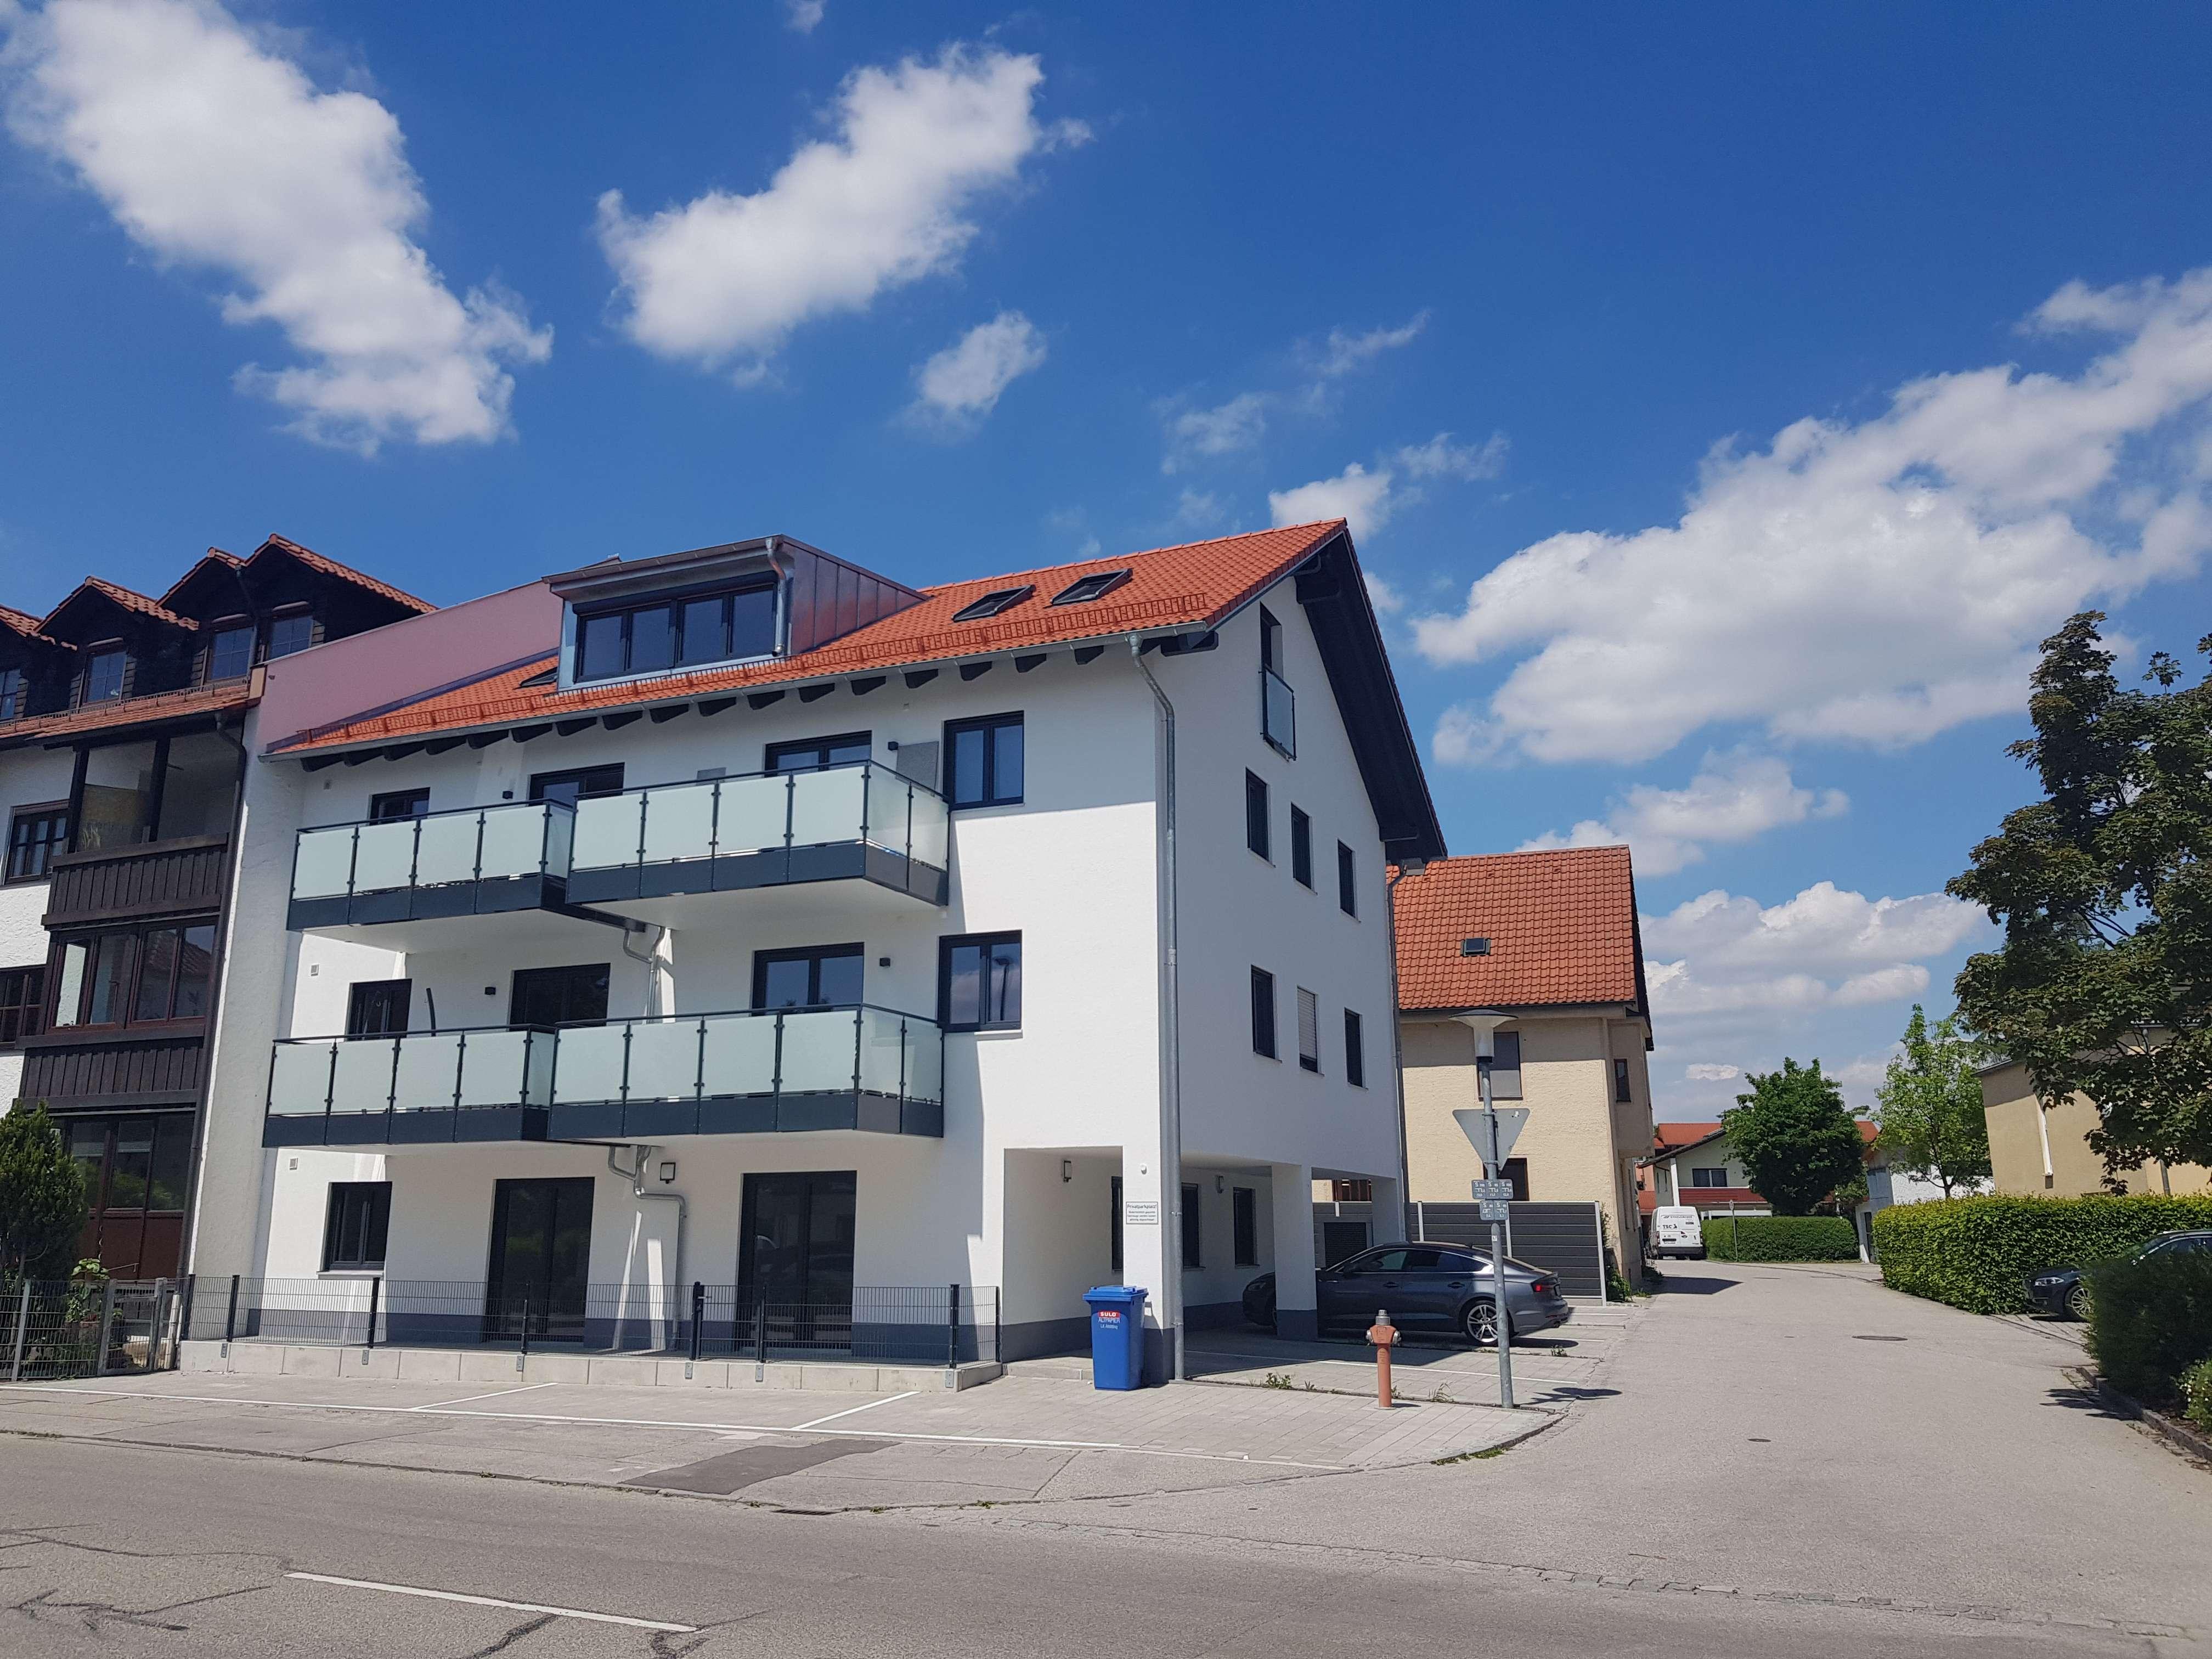 ... ERSTBEZUG - Neubau-3-Zi-Whg im EG mit EBK + Terrasse in zentrumsnaher Lage von Altötting...